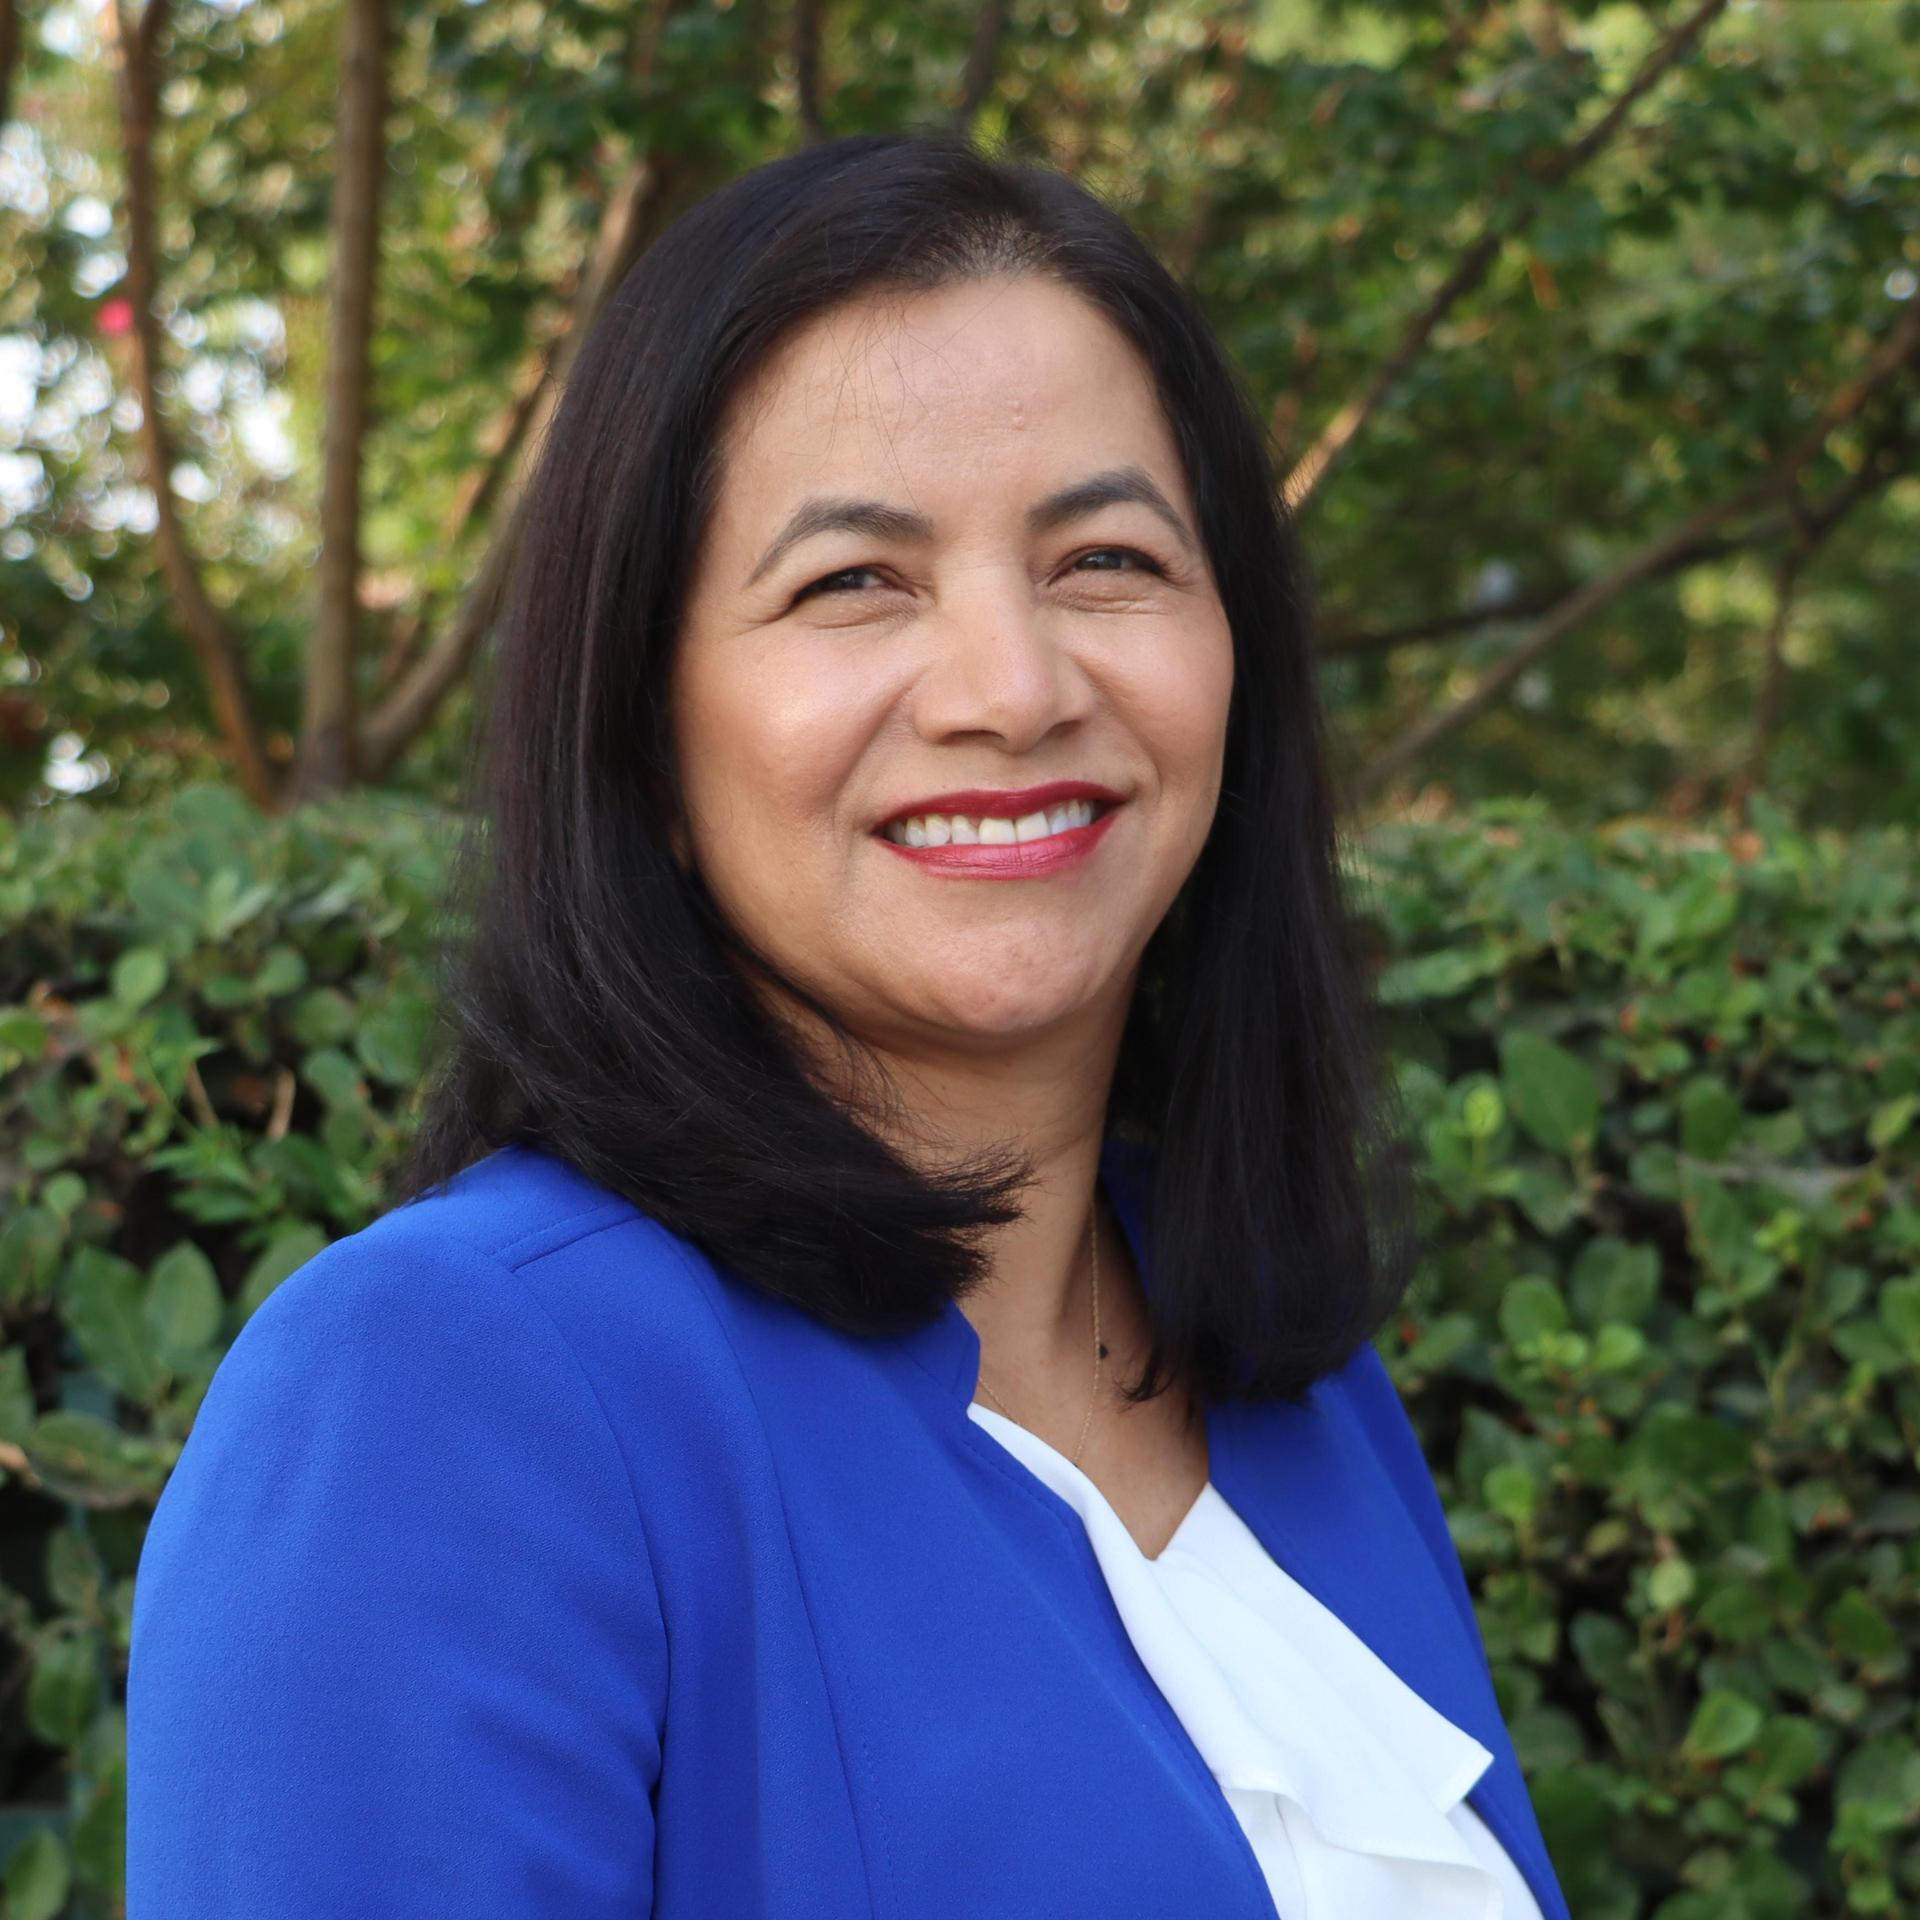 Rocio Munoz - Executive Director